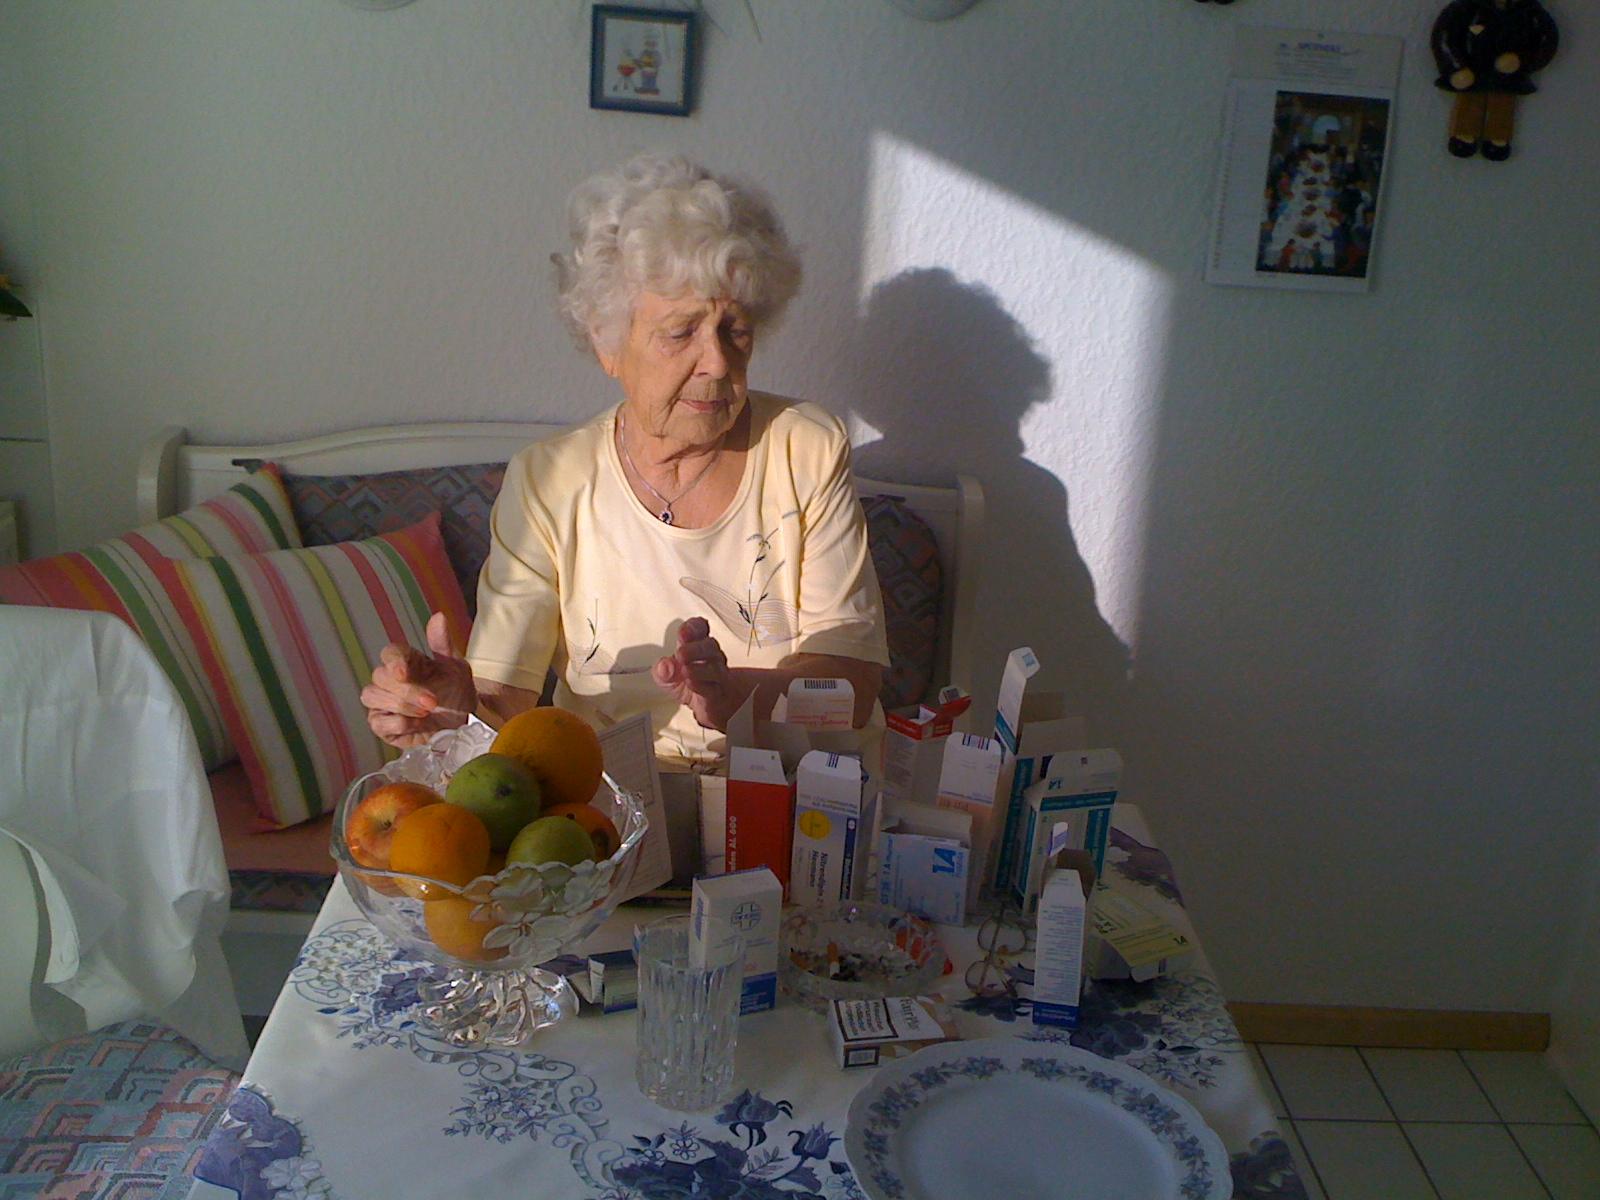 Medikamentenvielfalt bei über 80-jährigen